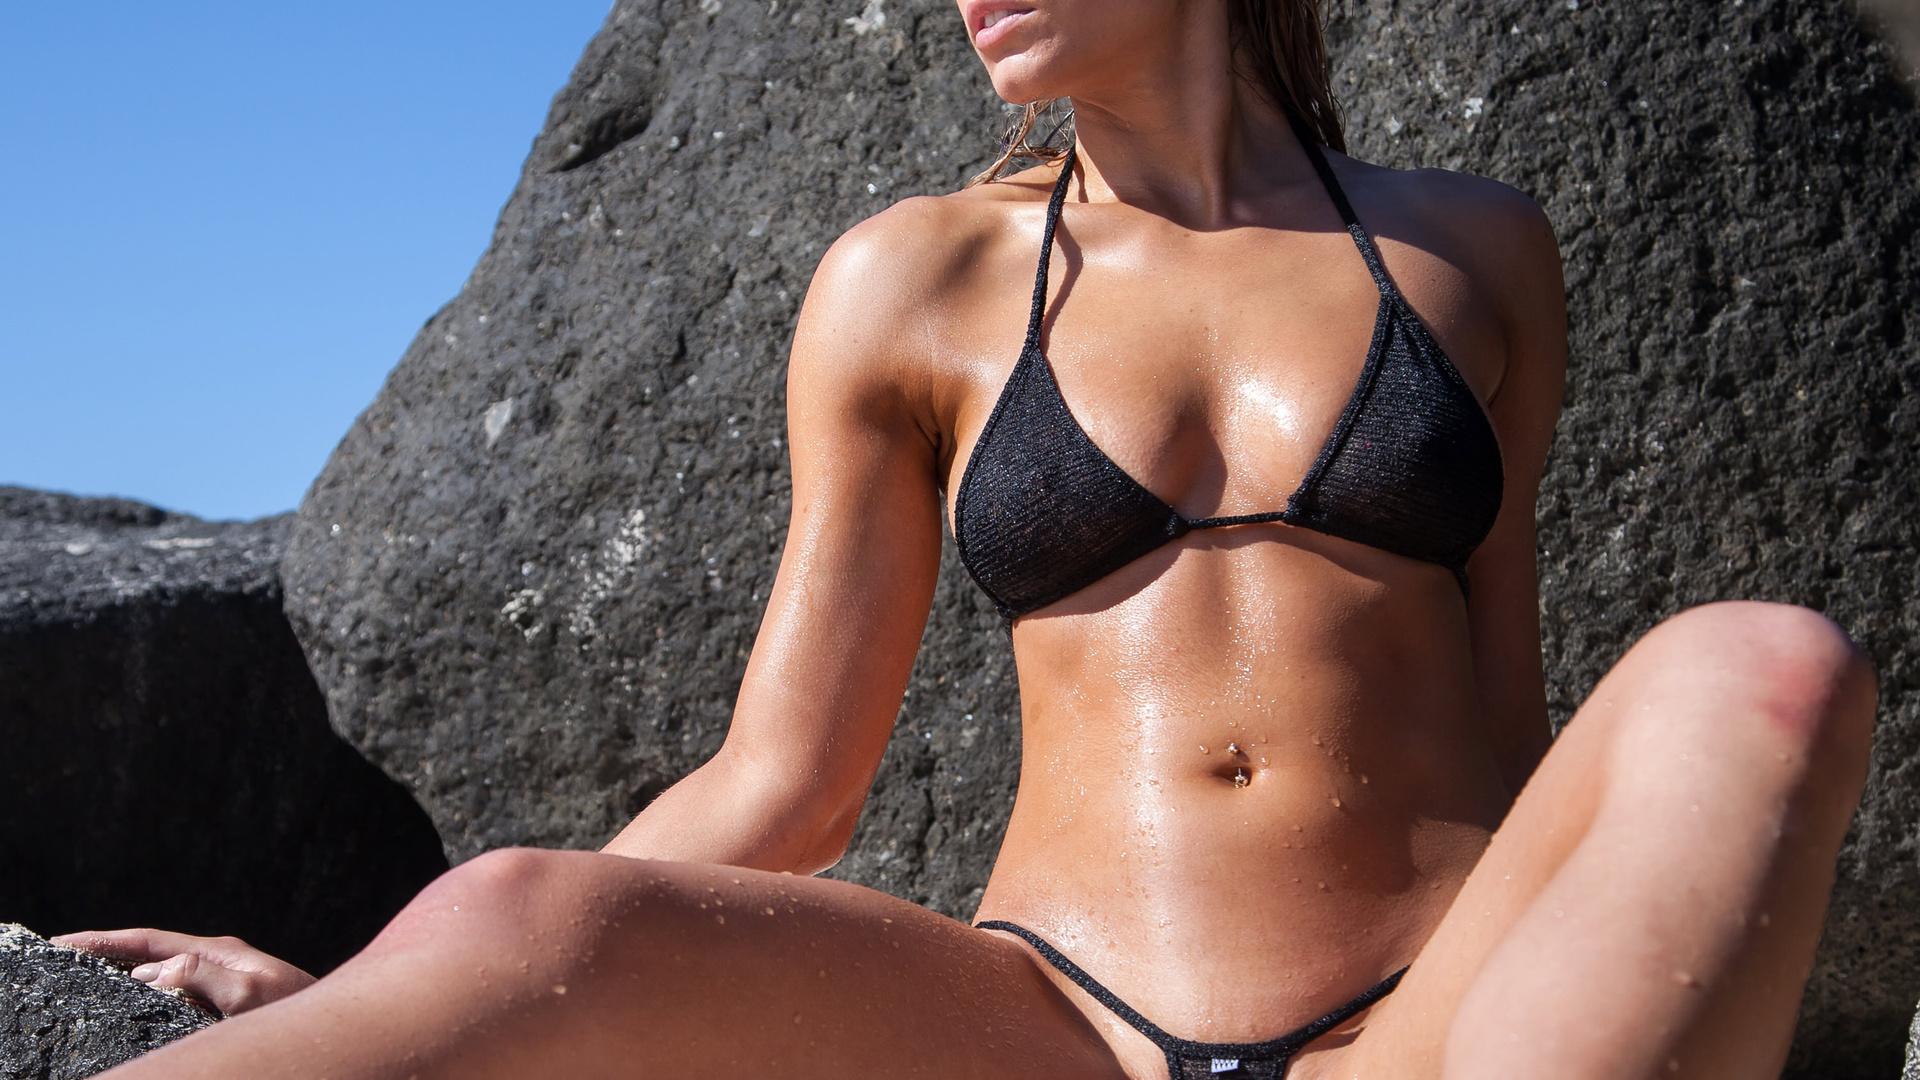 Фото женщин в купальниках смотреть онлайн бесплатно, Девушки в микро и экстрим бикини -фото 1 фотография